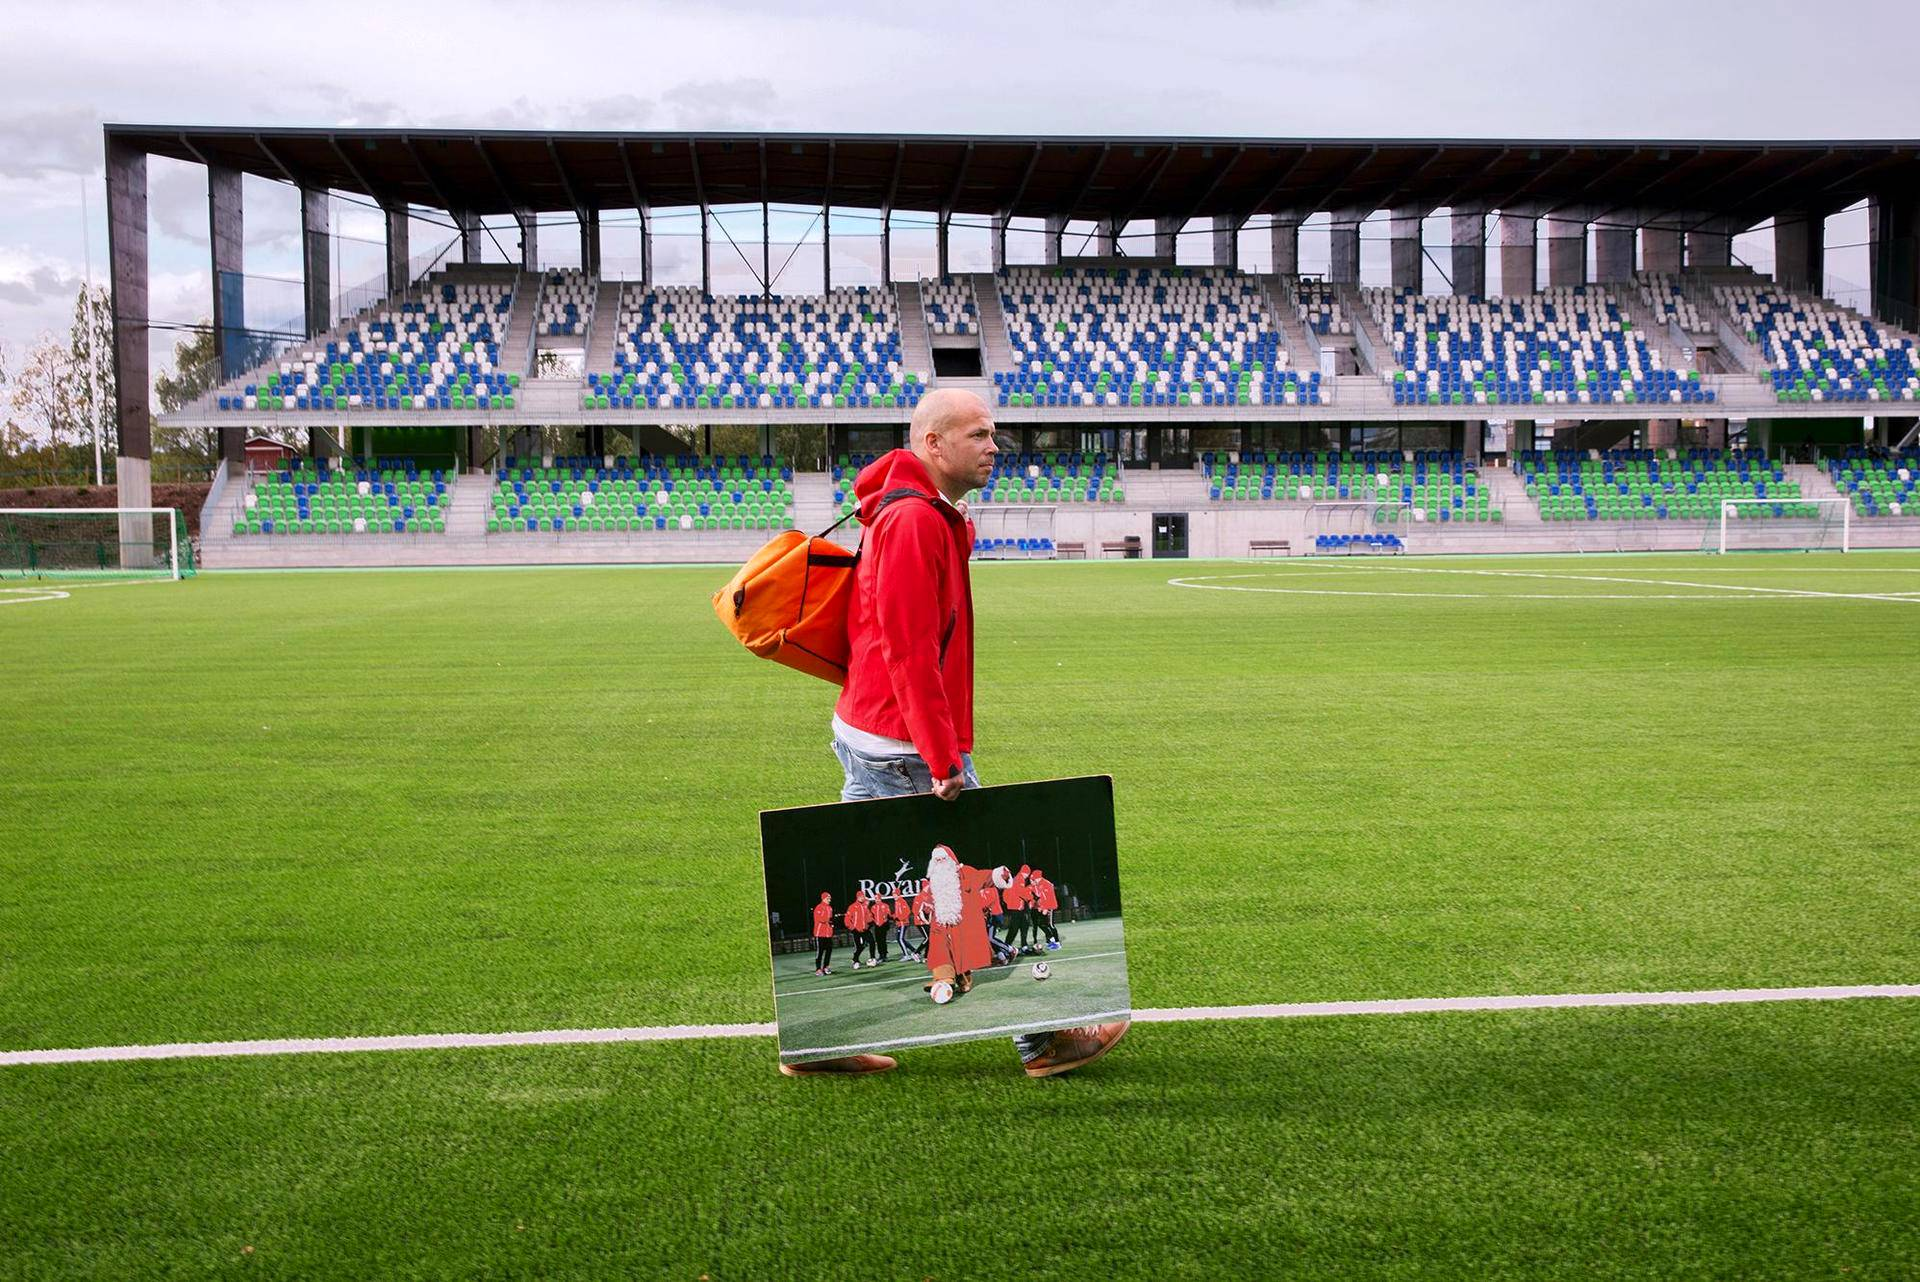 FC Santa Claus brändää itseään myös valokuvien voimin. Kuvissa yhdistyvät usein Lappi-kliseet ja jalkapallo. Juha Eteläinen aloitti joulupukin oman joukkueen brändäyksen vuonna 2010.